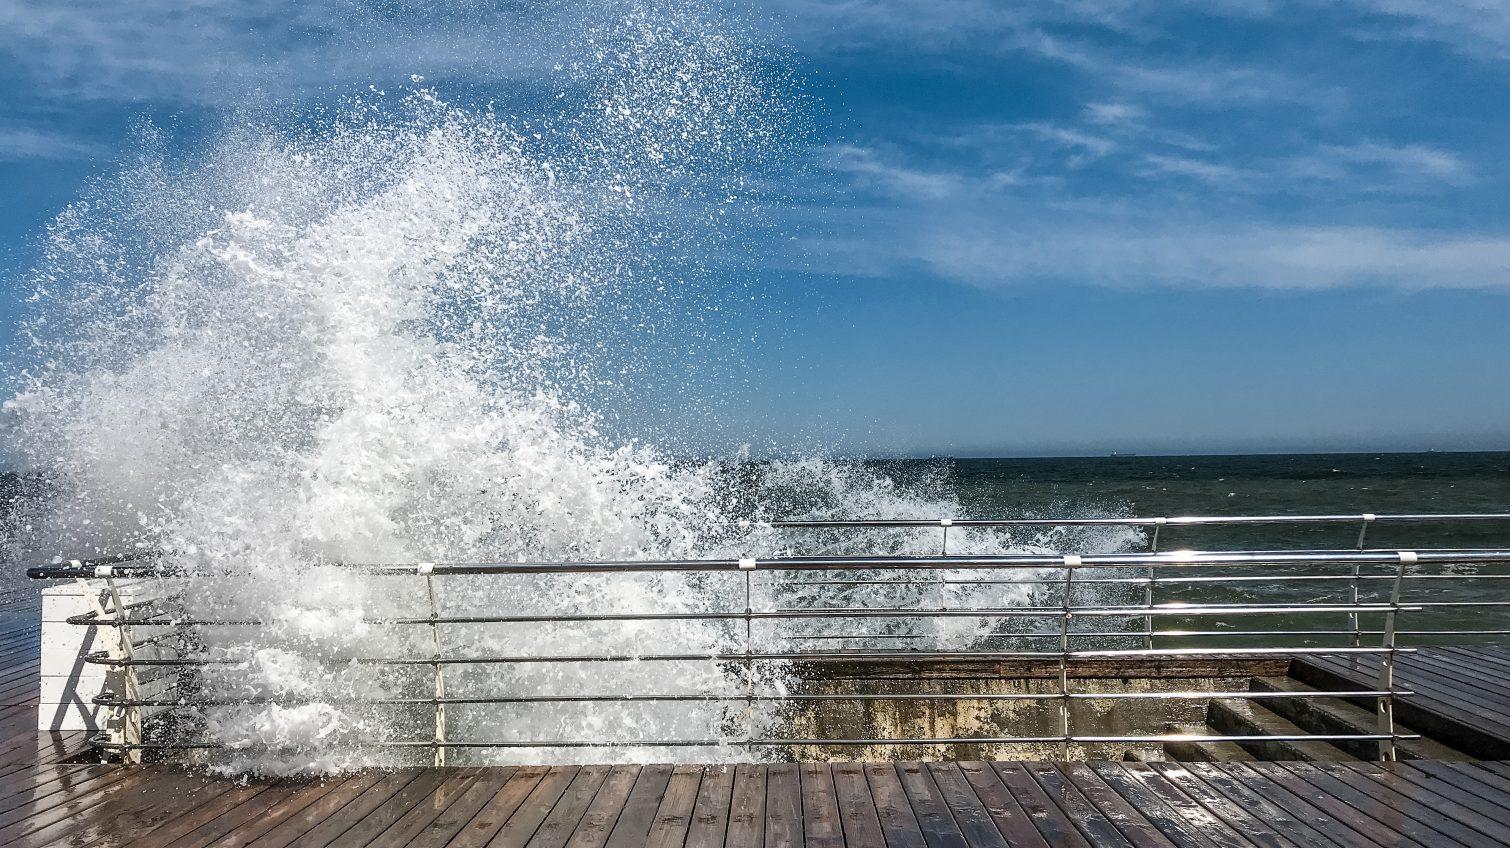 В Одессе и области штормовое предупреждение: обещают шквальный ветер «фото»